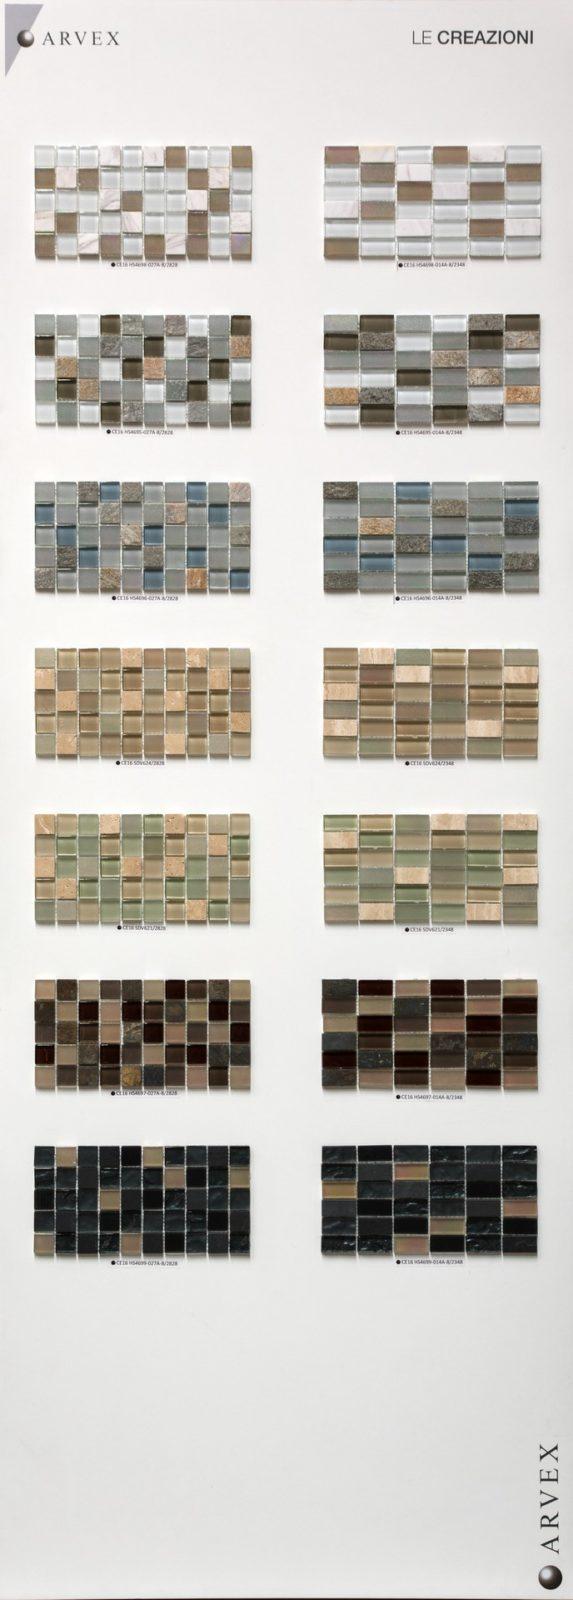 Mosaico - Le Creazioni 04